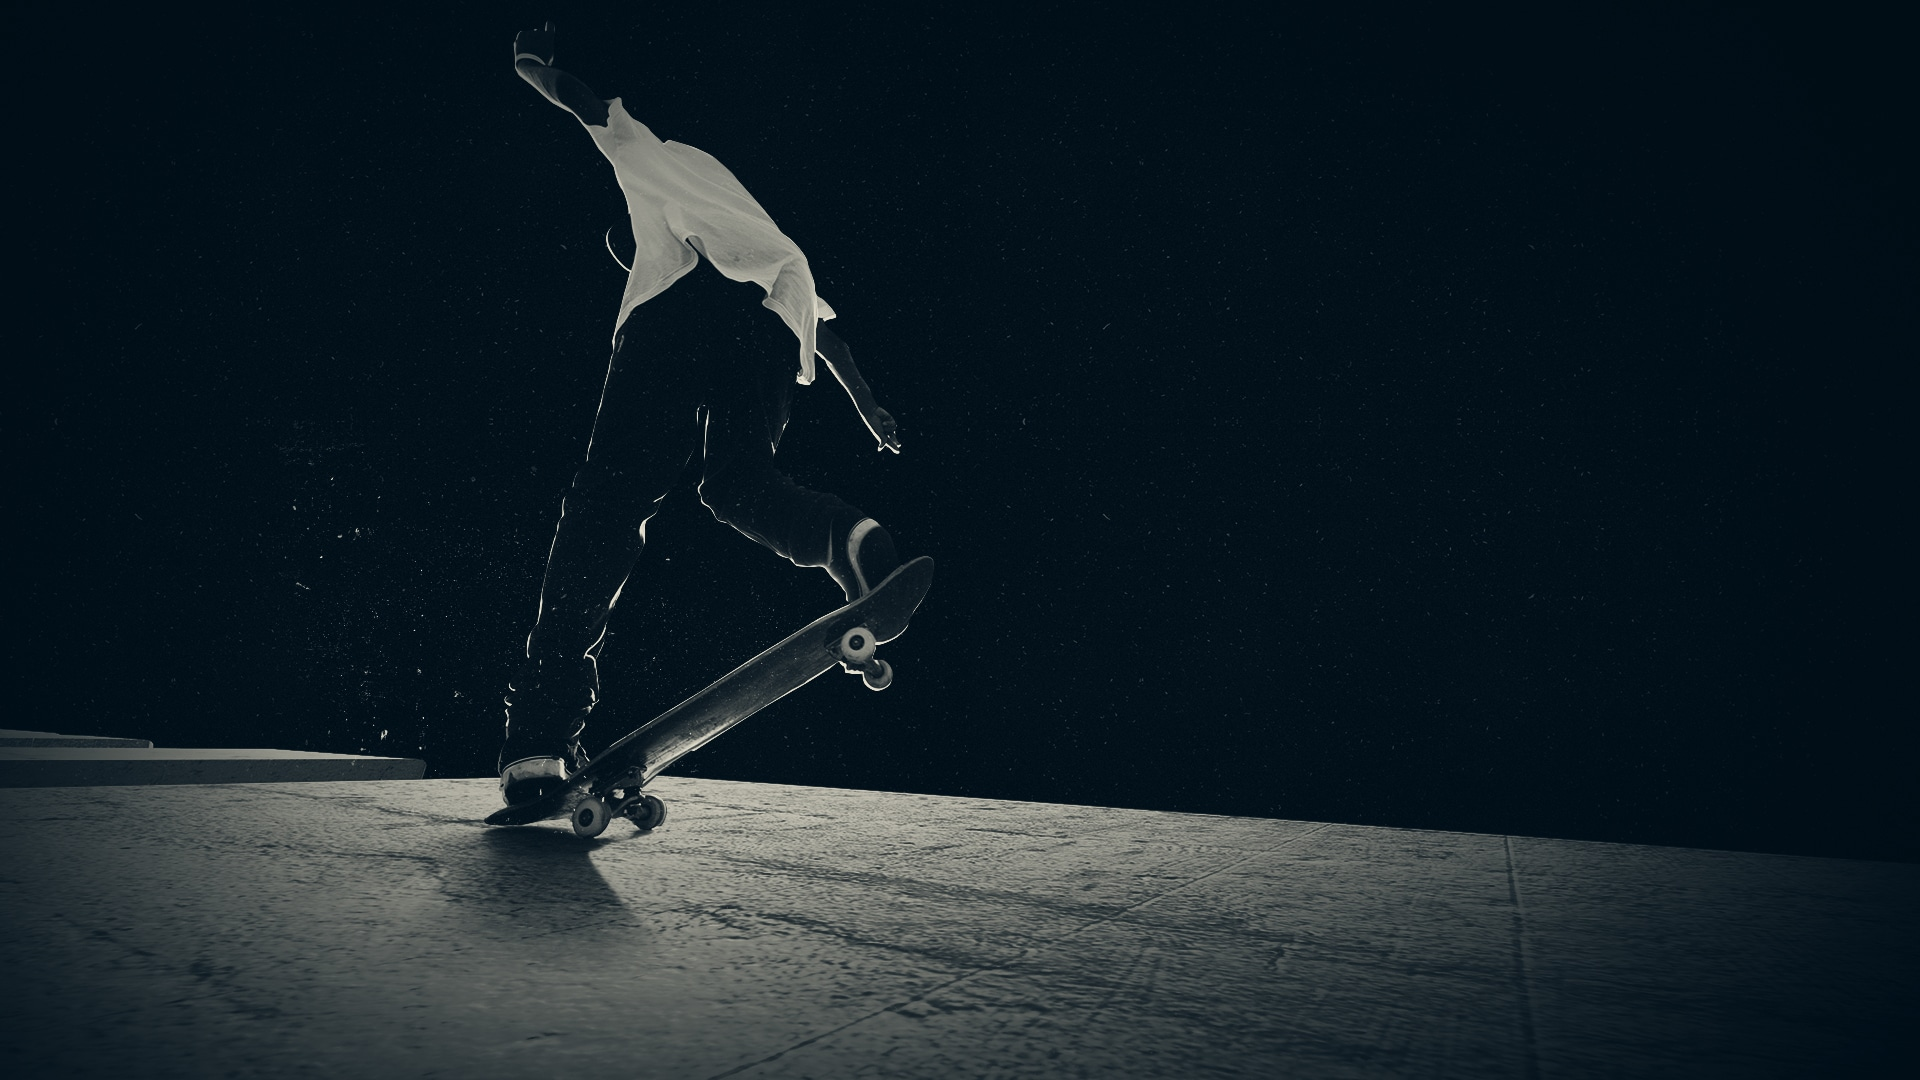 Jeune homme sur un skateboard réalisant une figure